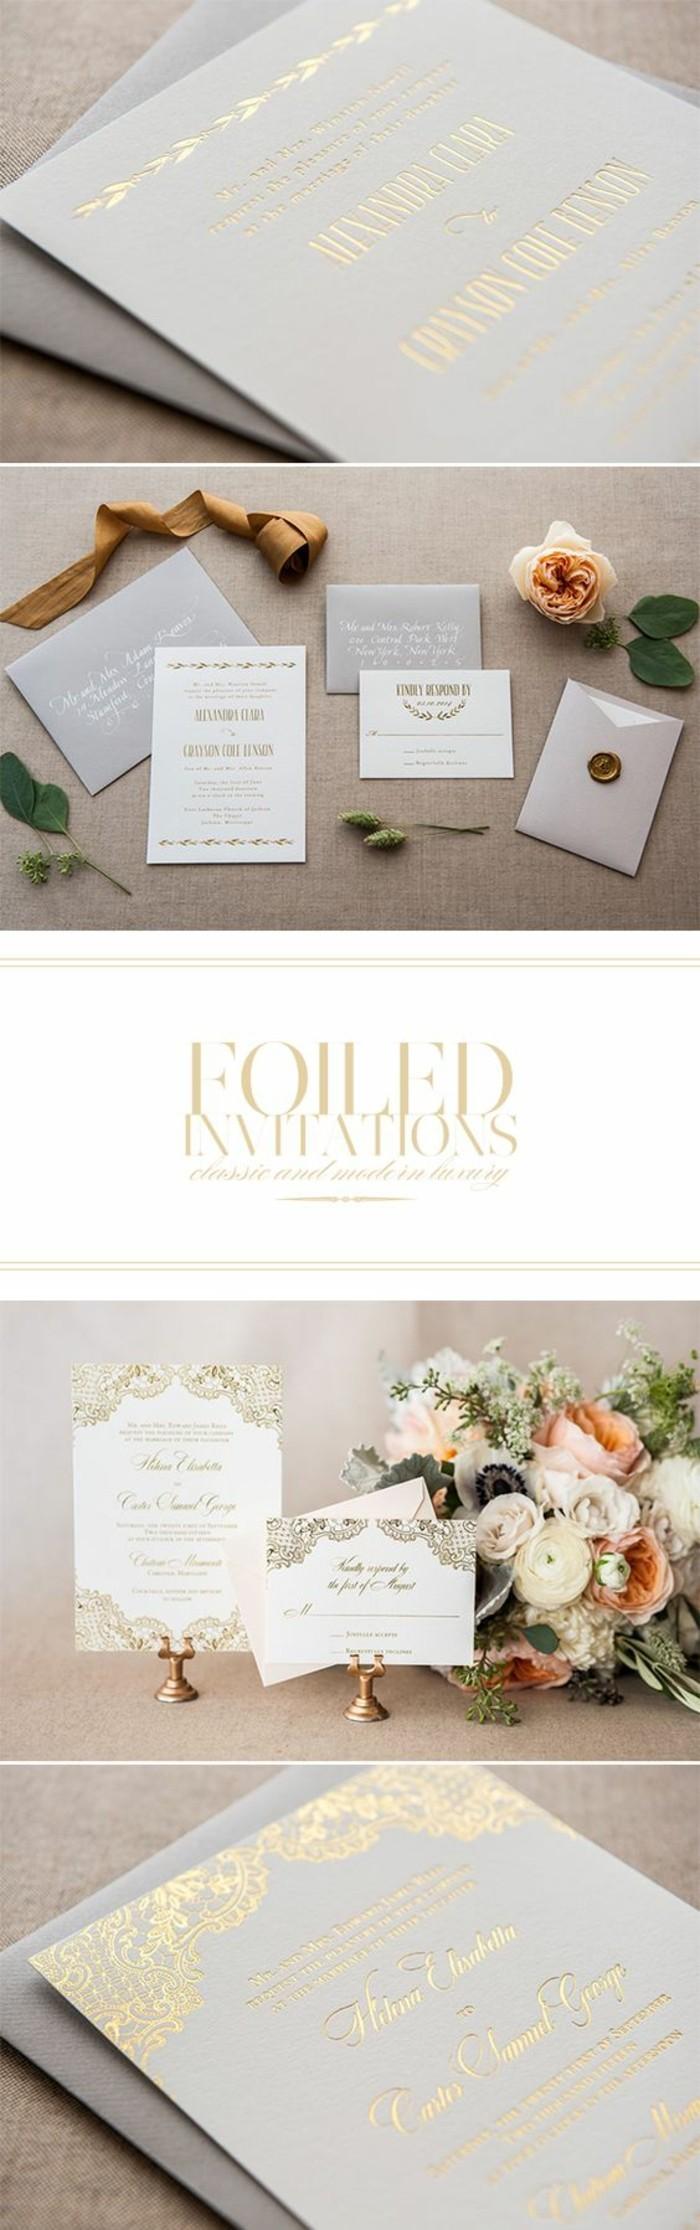 originale-idee-faire-part-mariage-personnalise-classy-elegante-carte-d-invitation-mariage